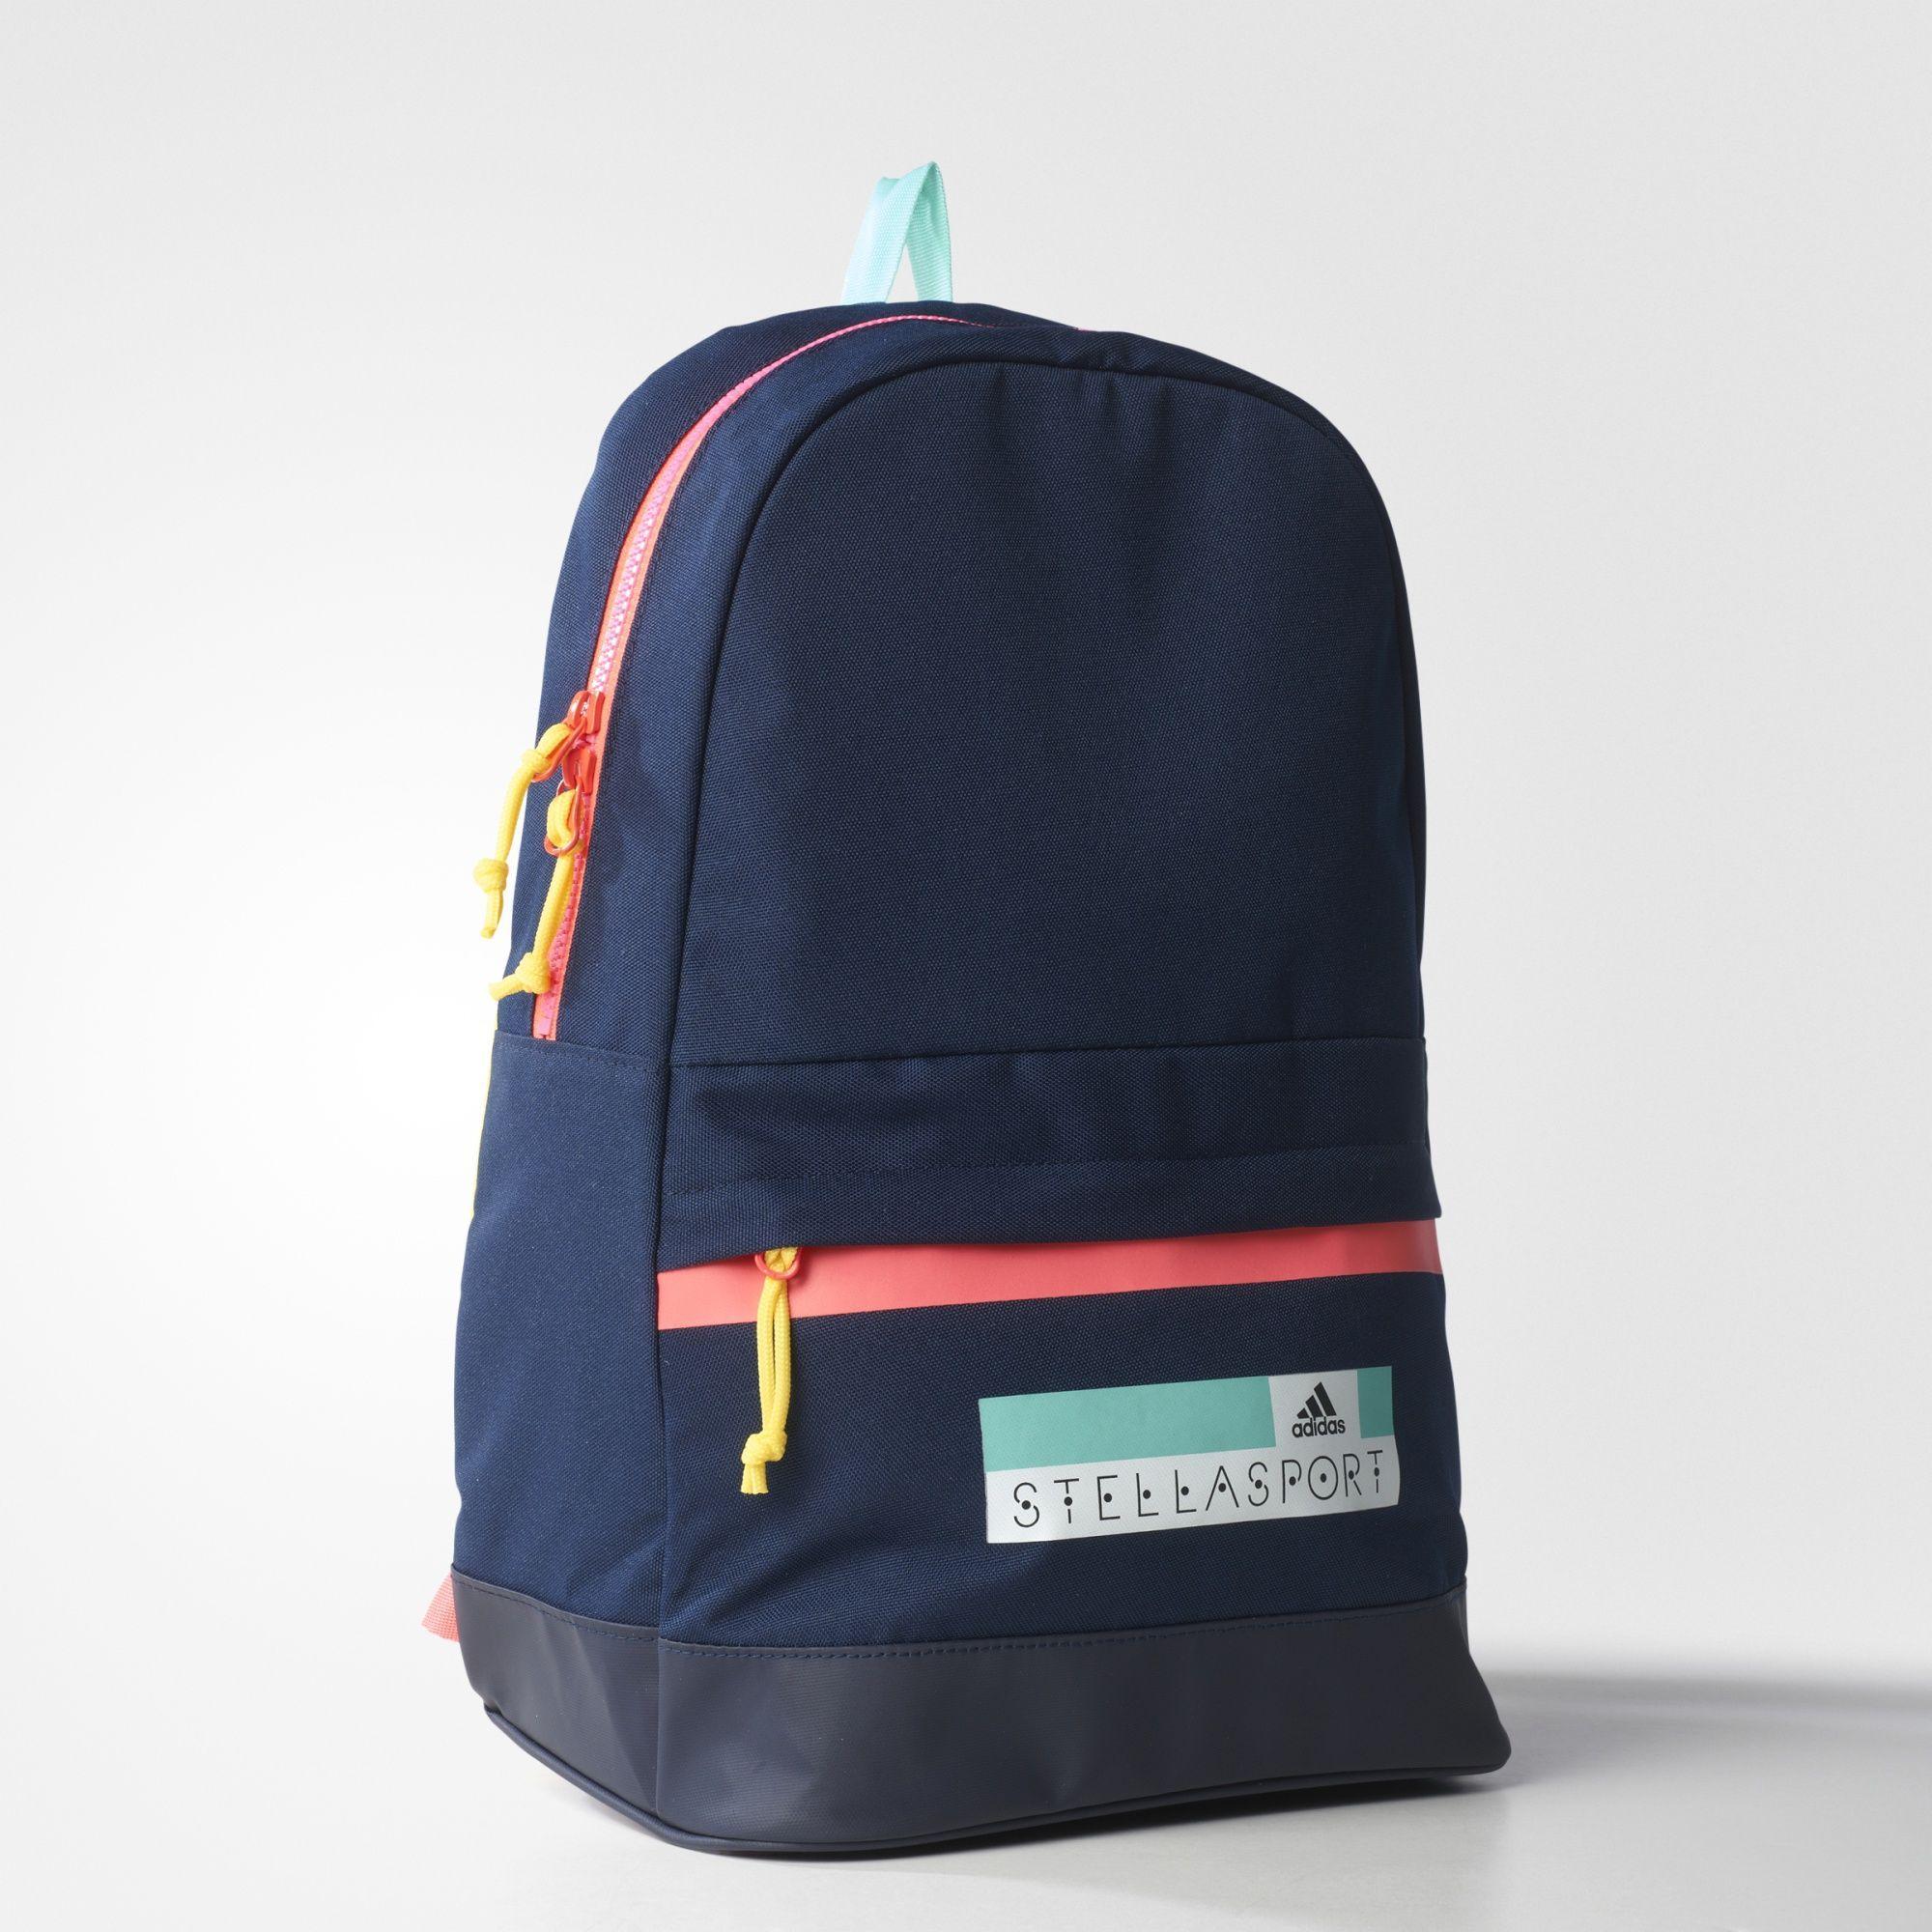 75c26b456dd2b adidas - adidas STELLASPORT Backpack